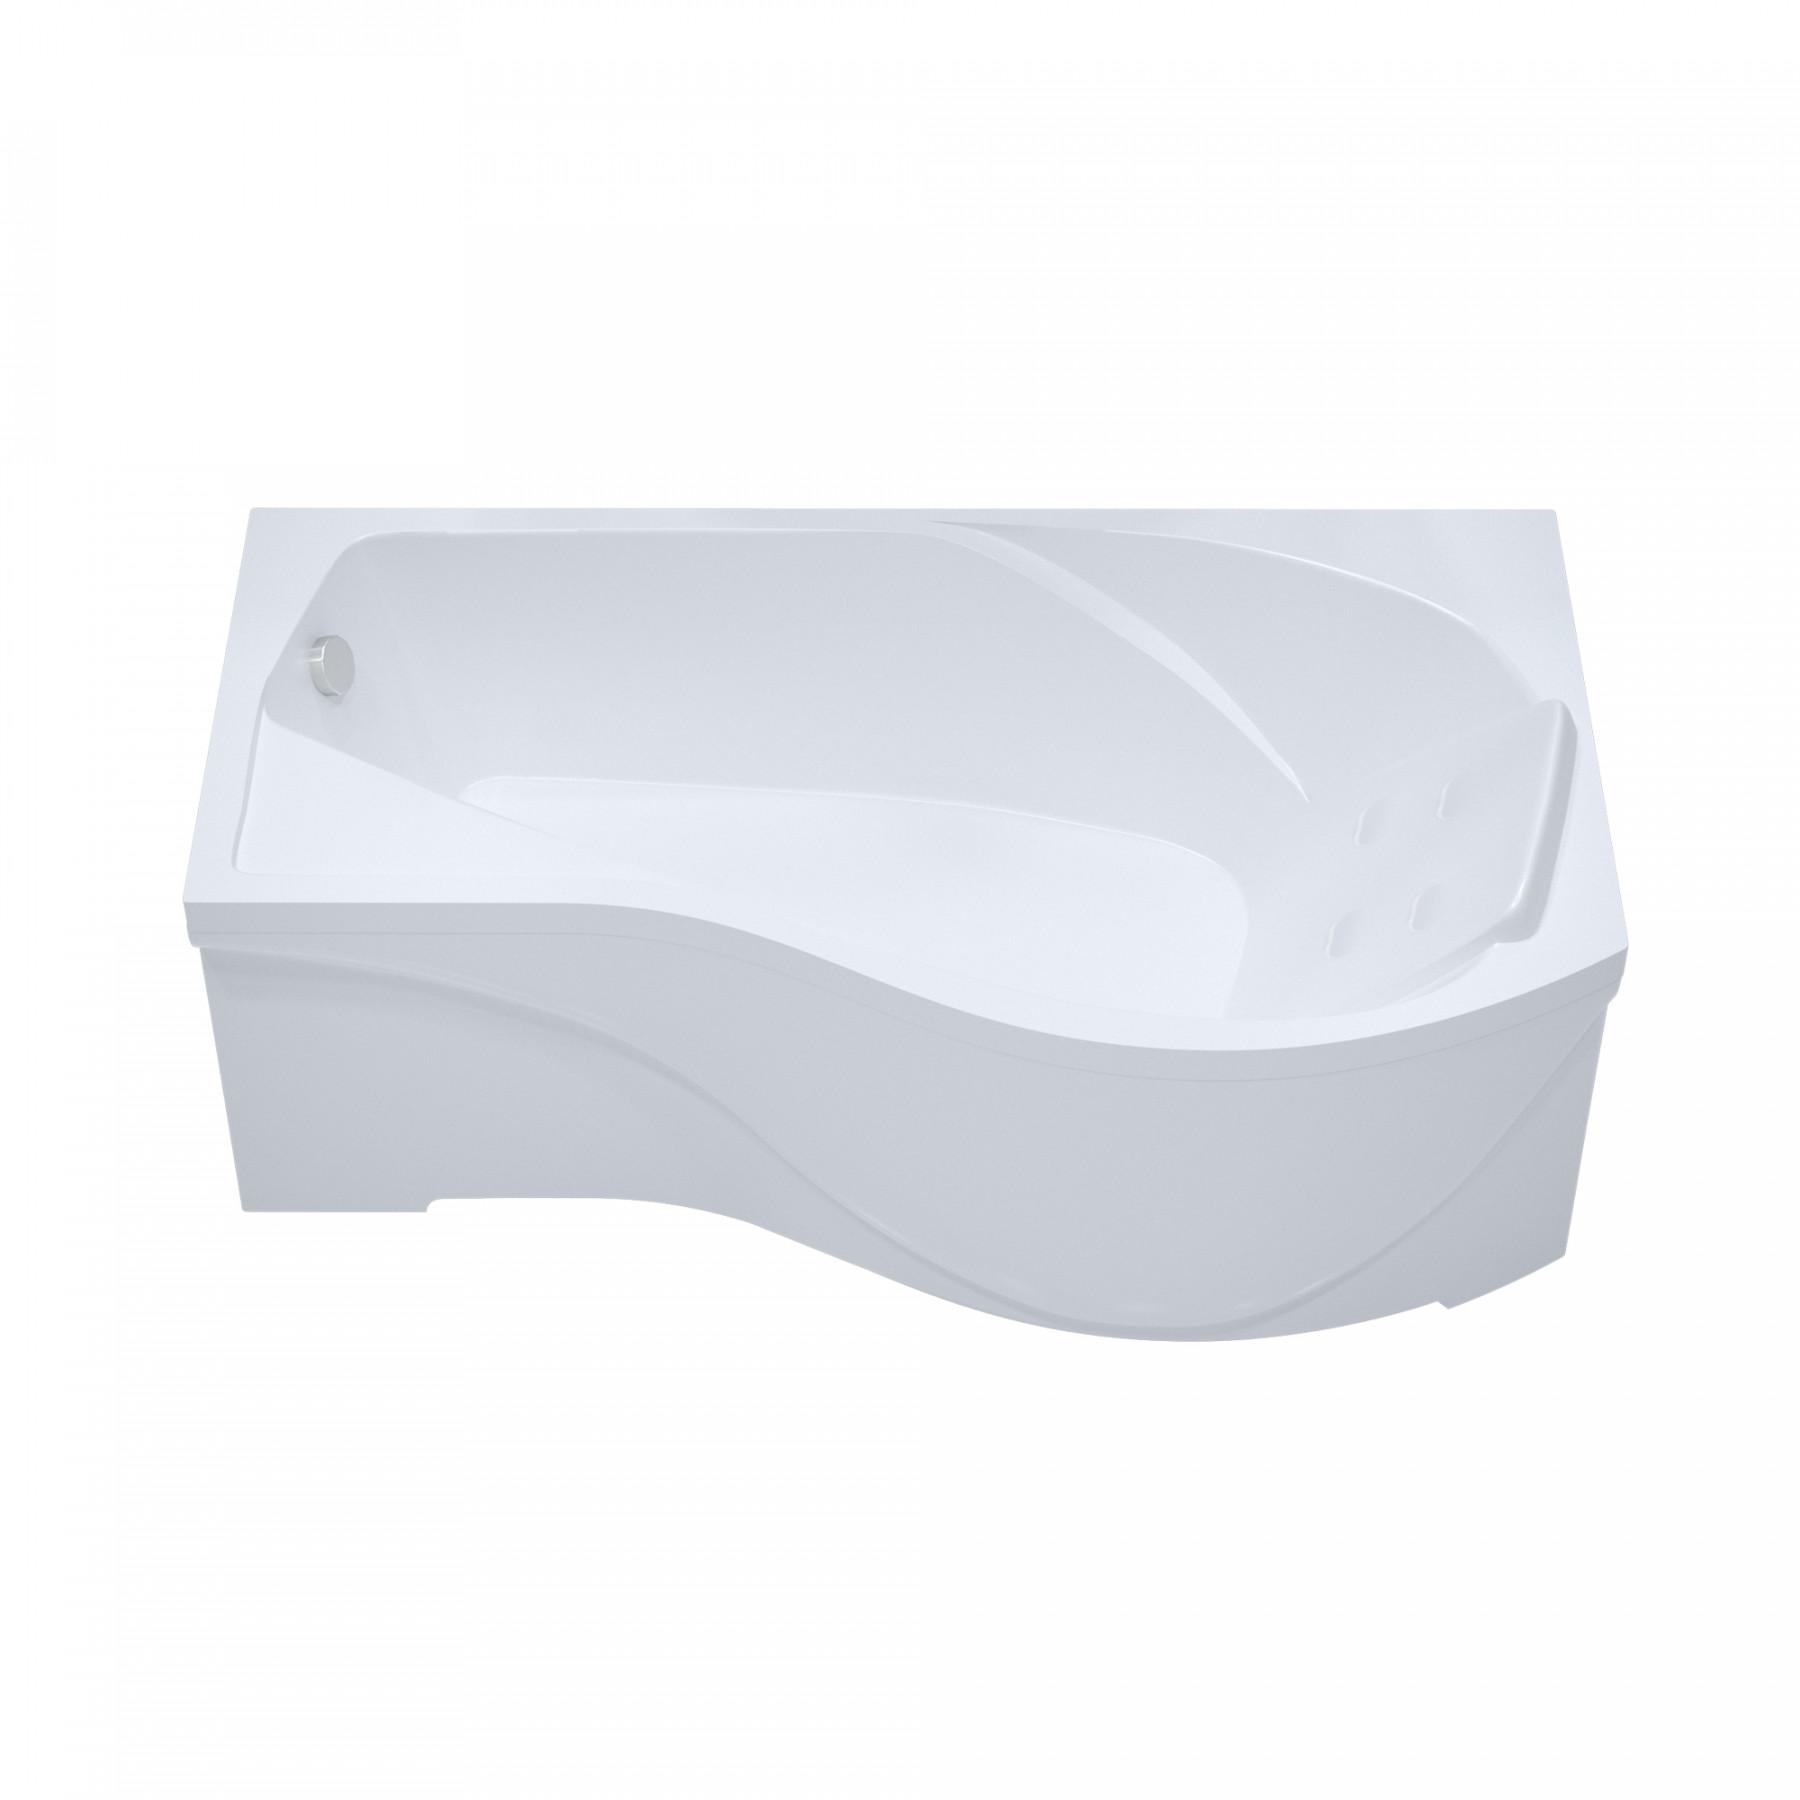 Акриловая ванна Triton Мишель 170x96 левая